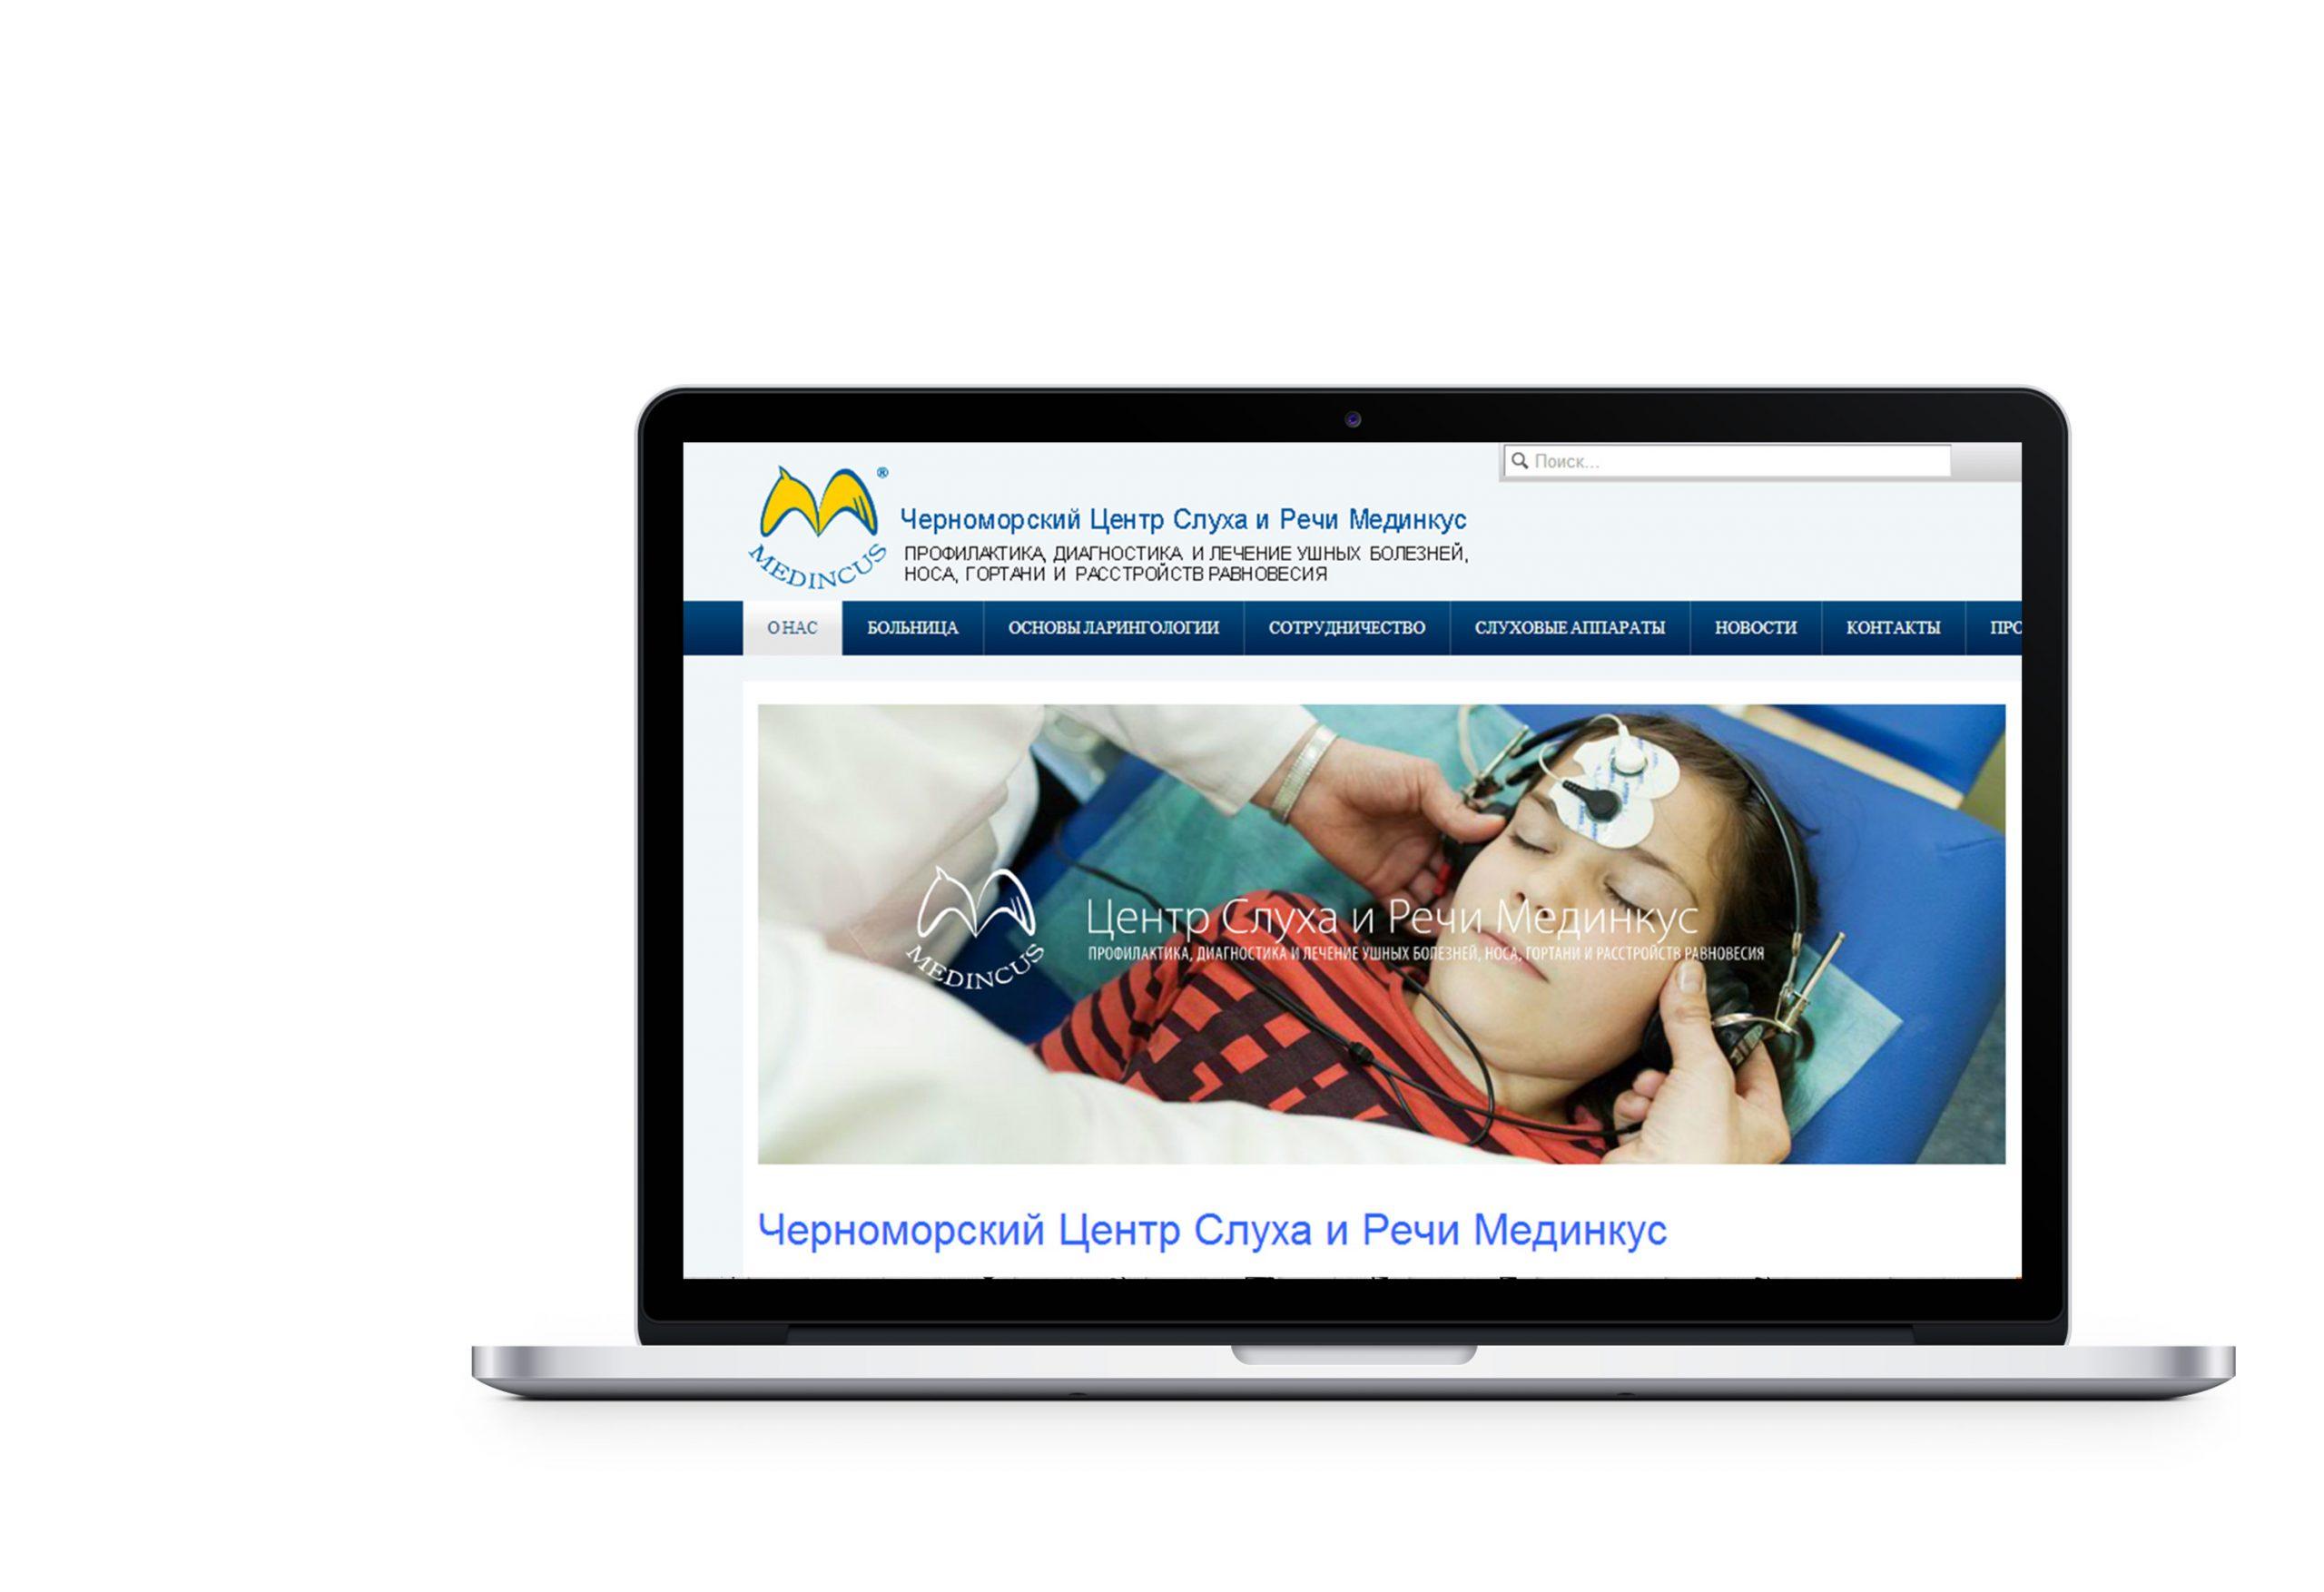 Вебсайт для мережі медичних центрів Medincus